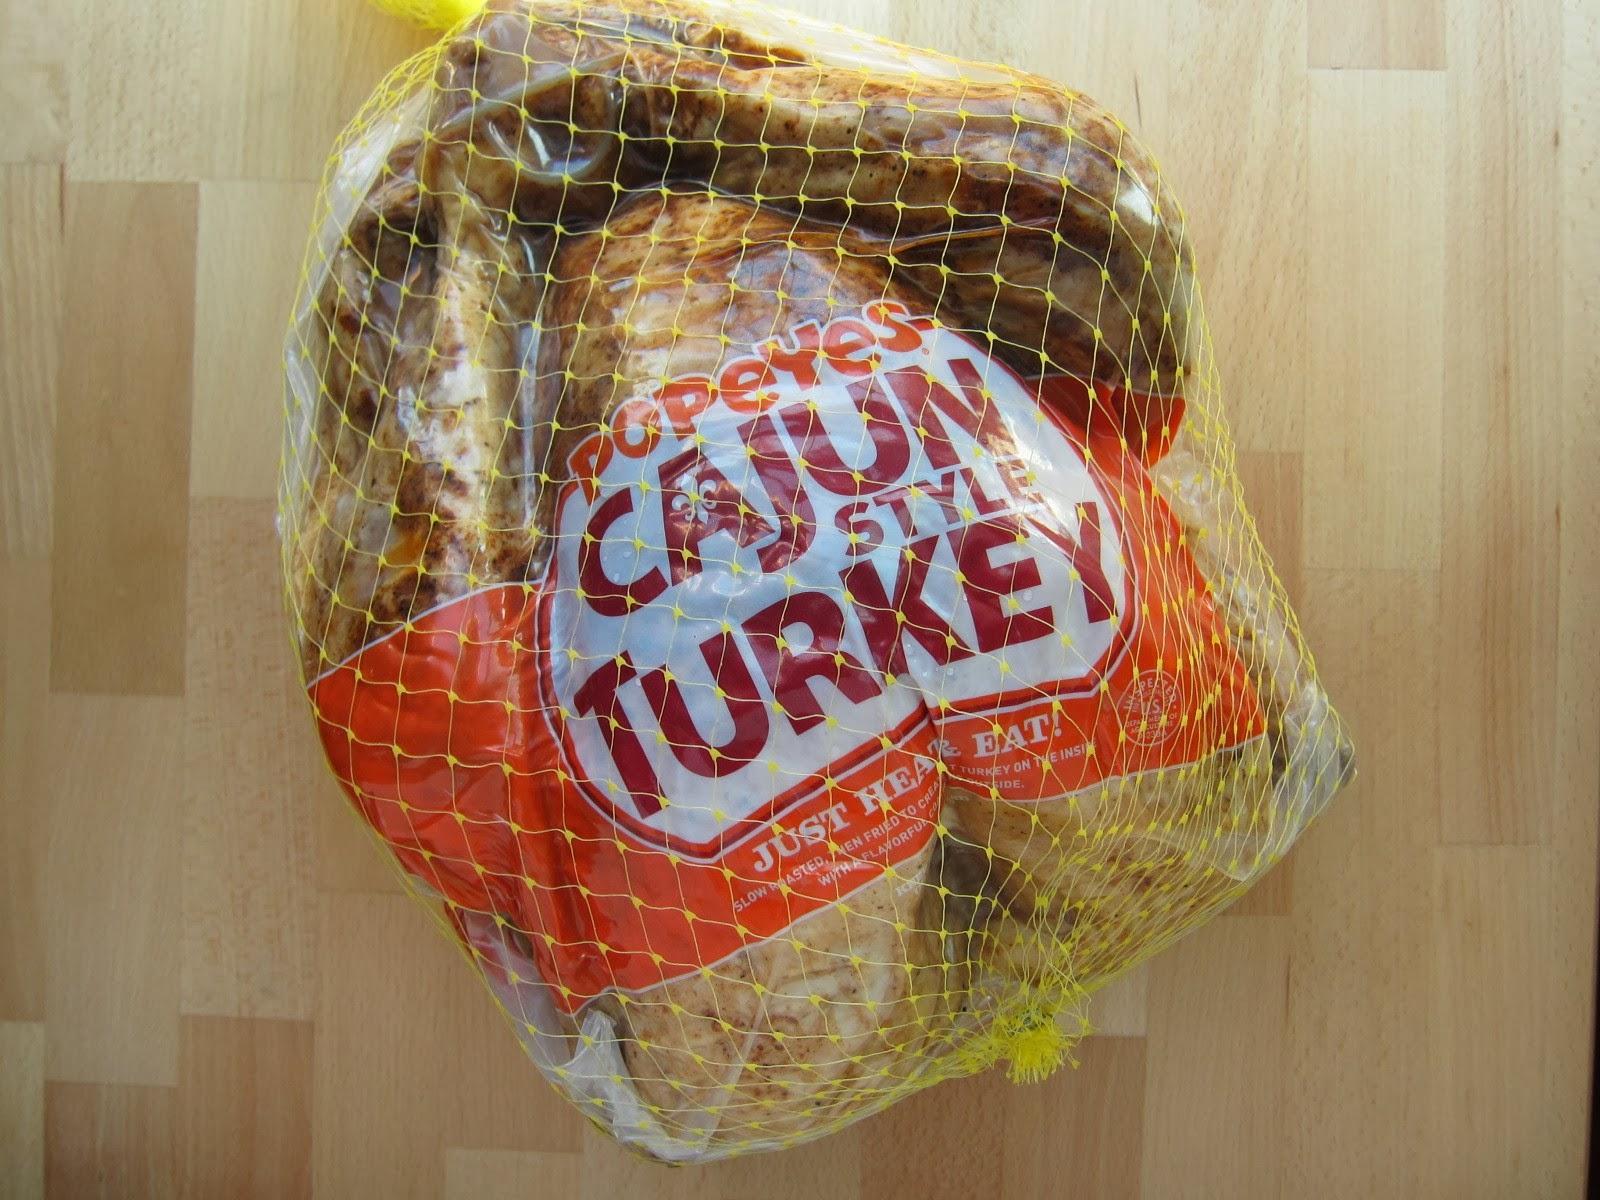 popeyes-cajun-turkey-packaging.jpg